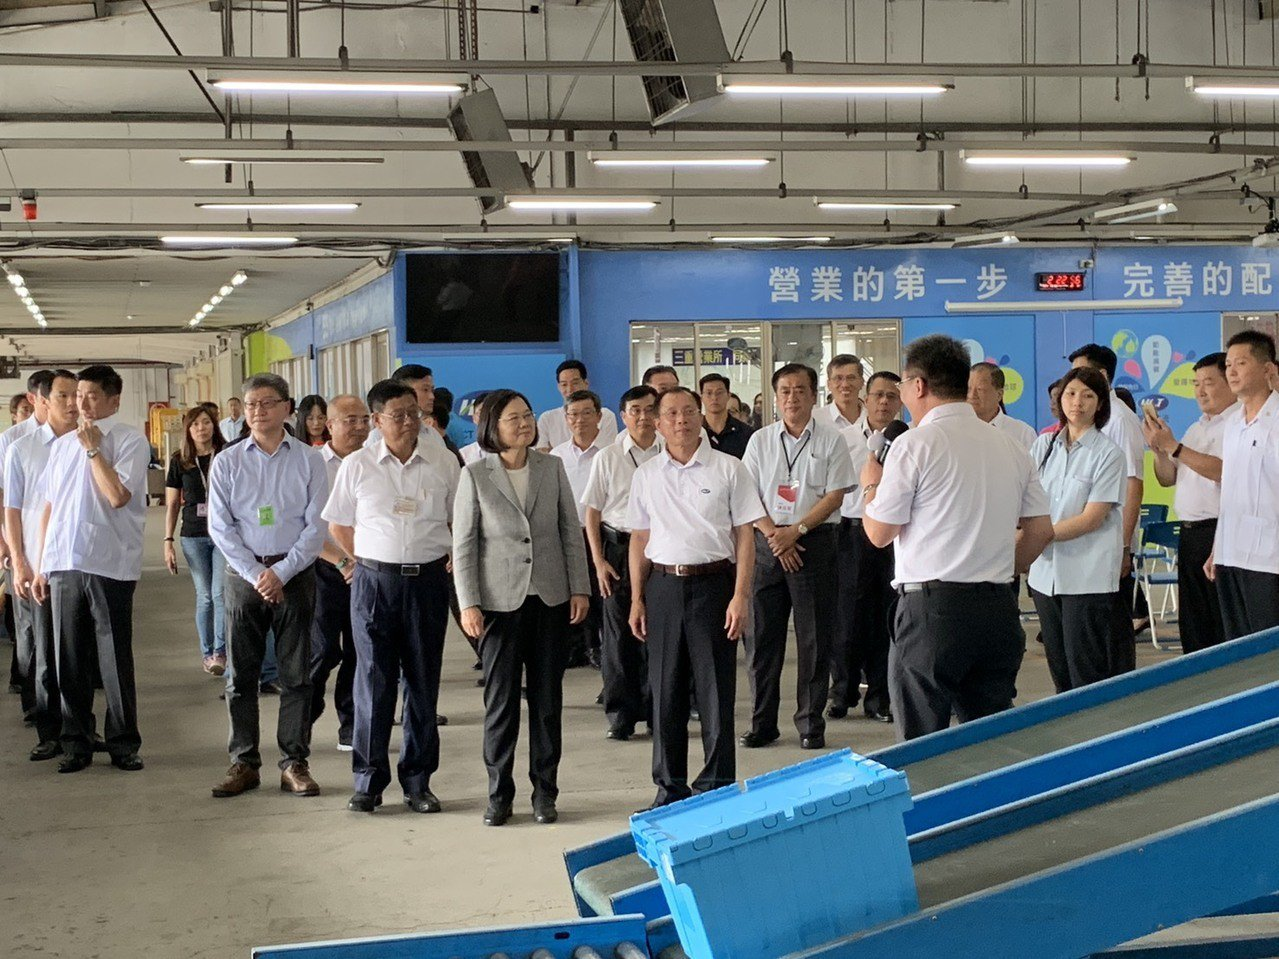 總統蔡英文今赴新竹物流三重營業所,聆聽物流公司流程。記者張曼蘋/攝影